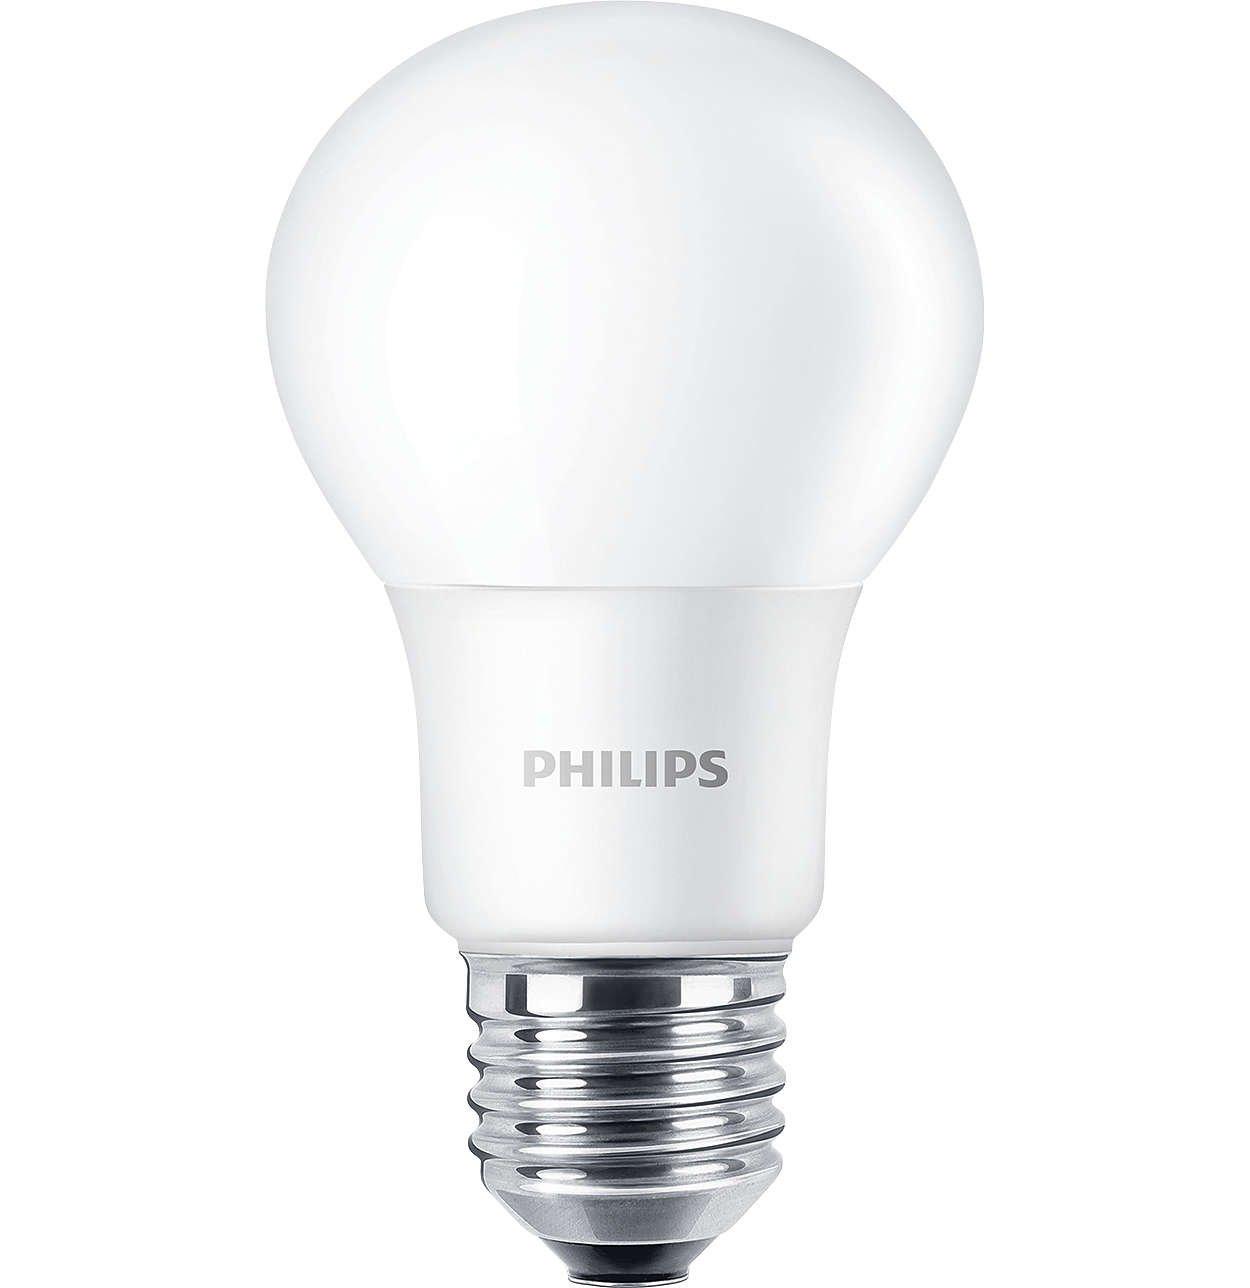 Led Givré Sans Ampoule A60 Corepro Variateur D'intensité Philips 3jALq5R4